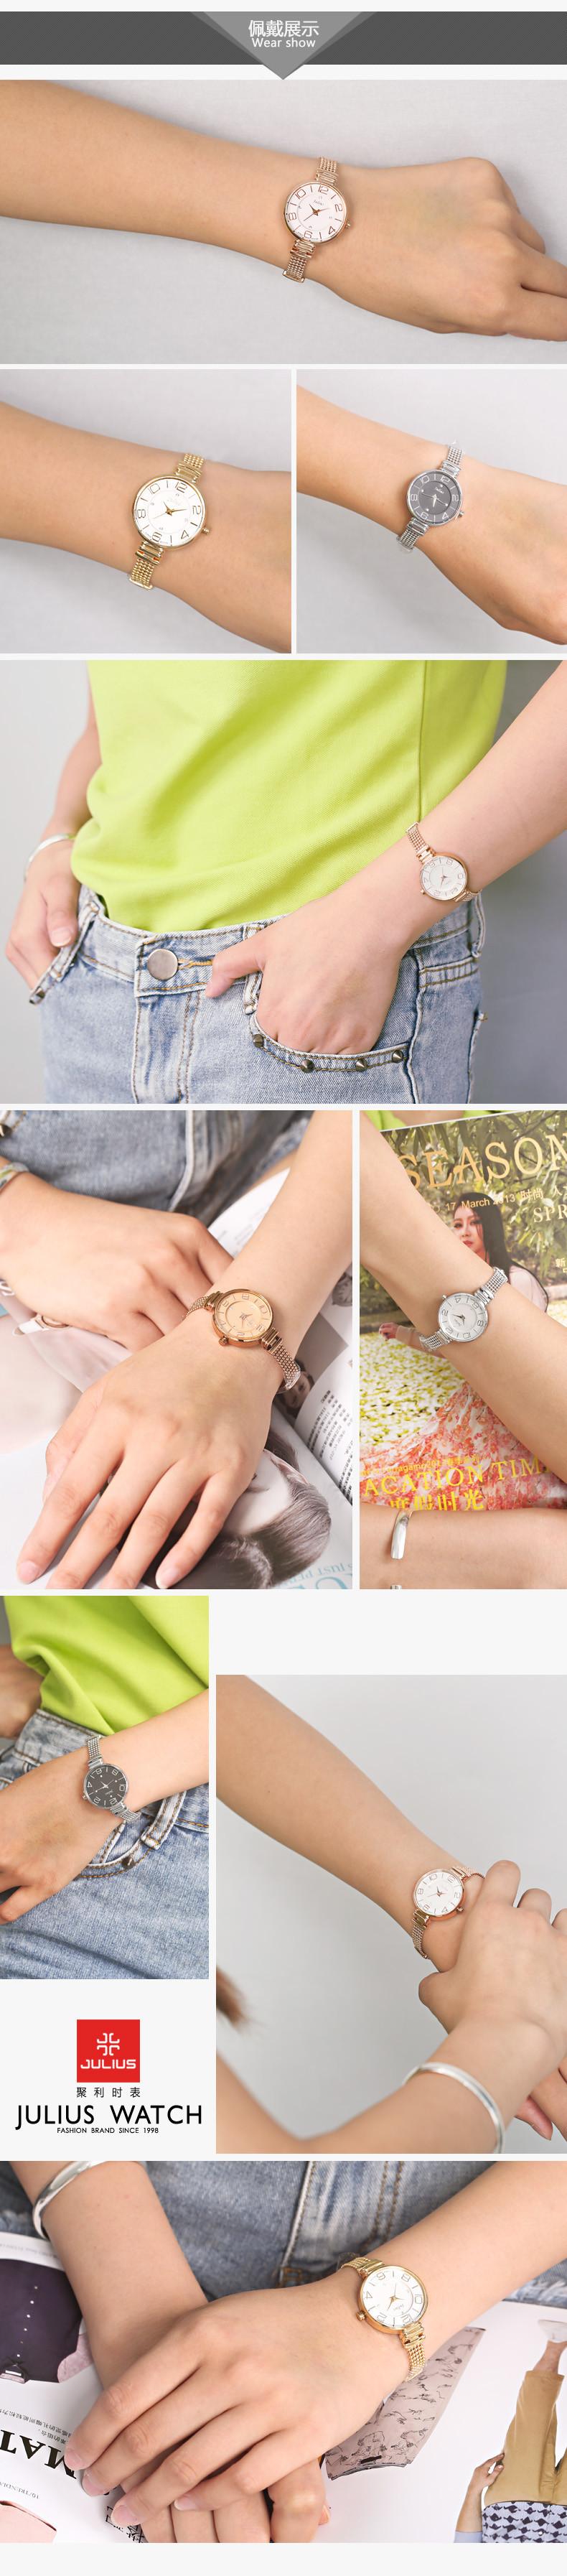 Юлий леди женщины в до запястья часы кварцевый часов лучший платье ювелирные изделия браслет офис бизнес девочка подарок 805